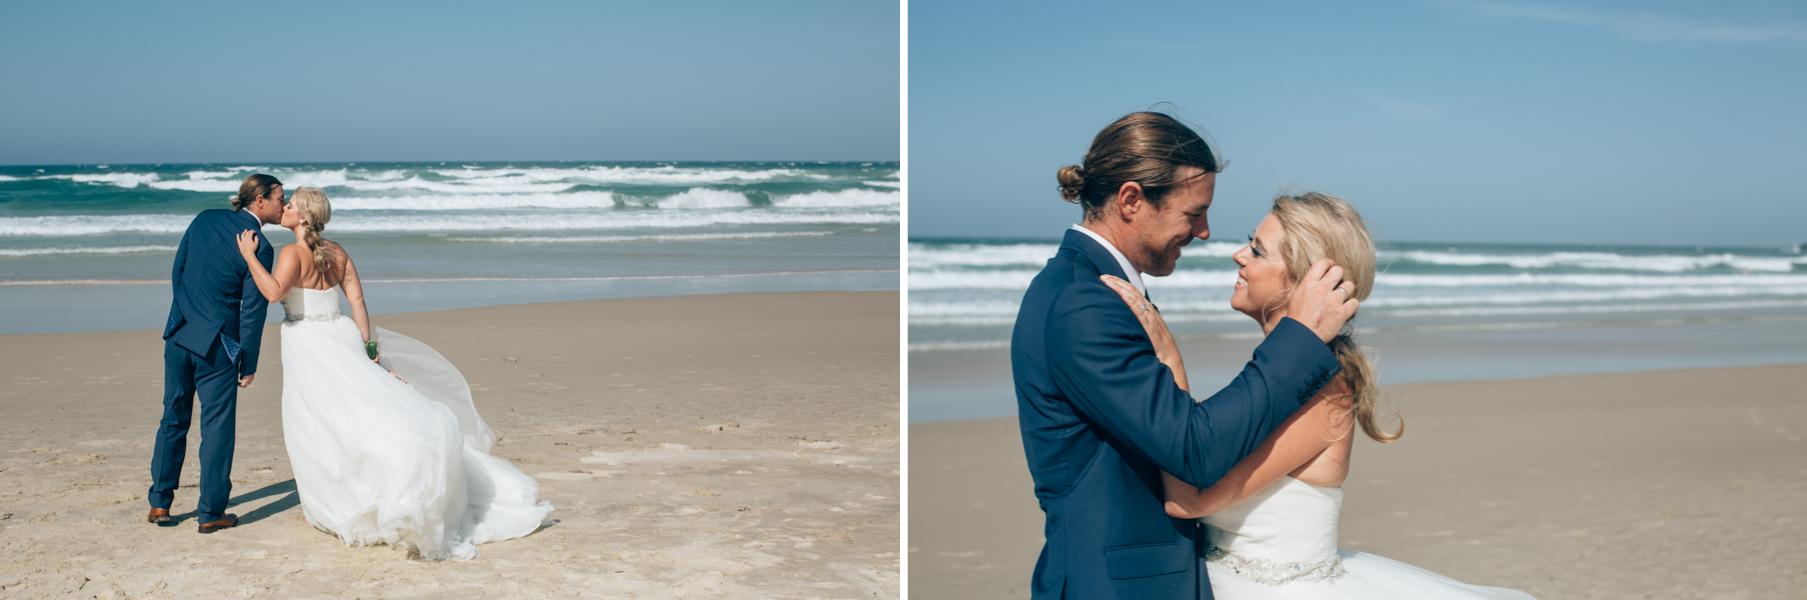 Erin & Craig Byron Bay Wedding Photography 24.jpg